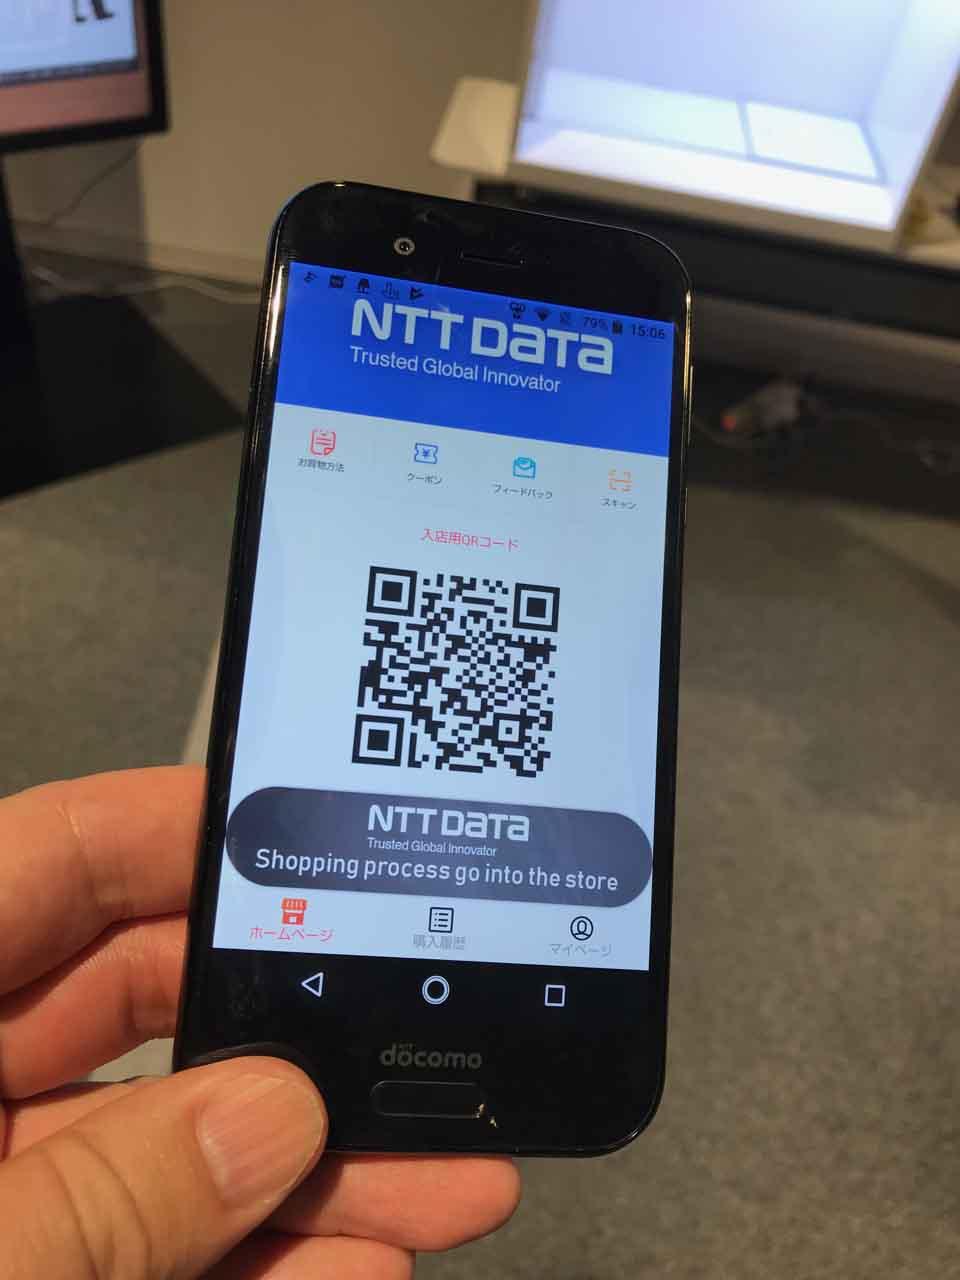 NTTデータのレジなし店舗の入店に使うQRコードを表示させたところ。アプリ自体はそれほど重要ではないという